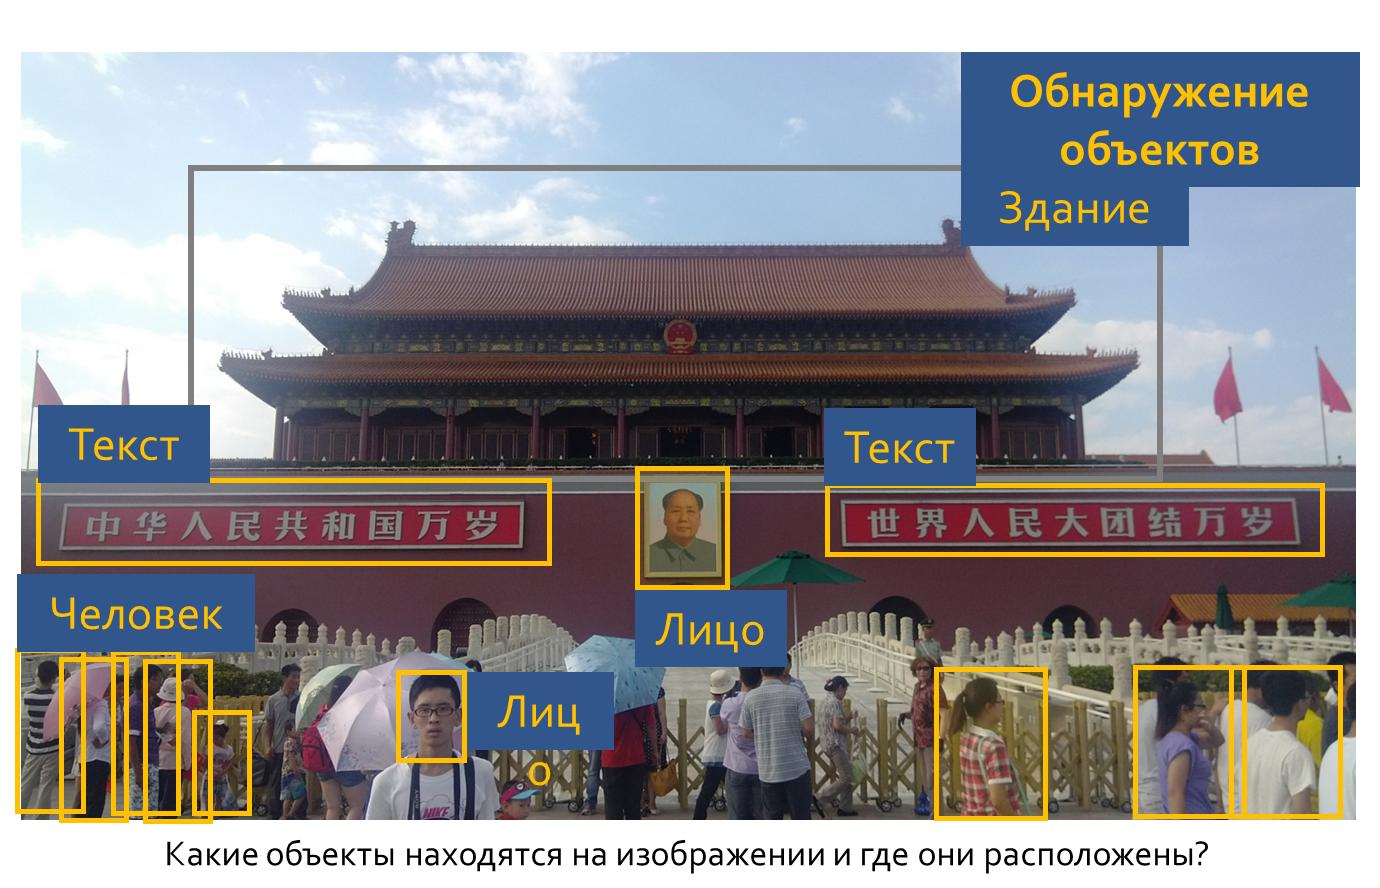 Пример обнаружения объектов на фото